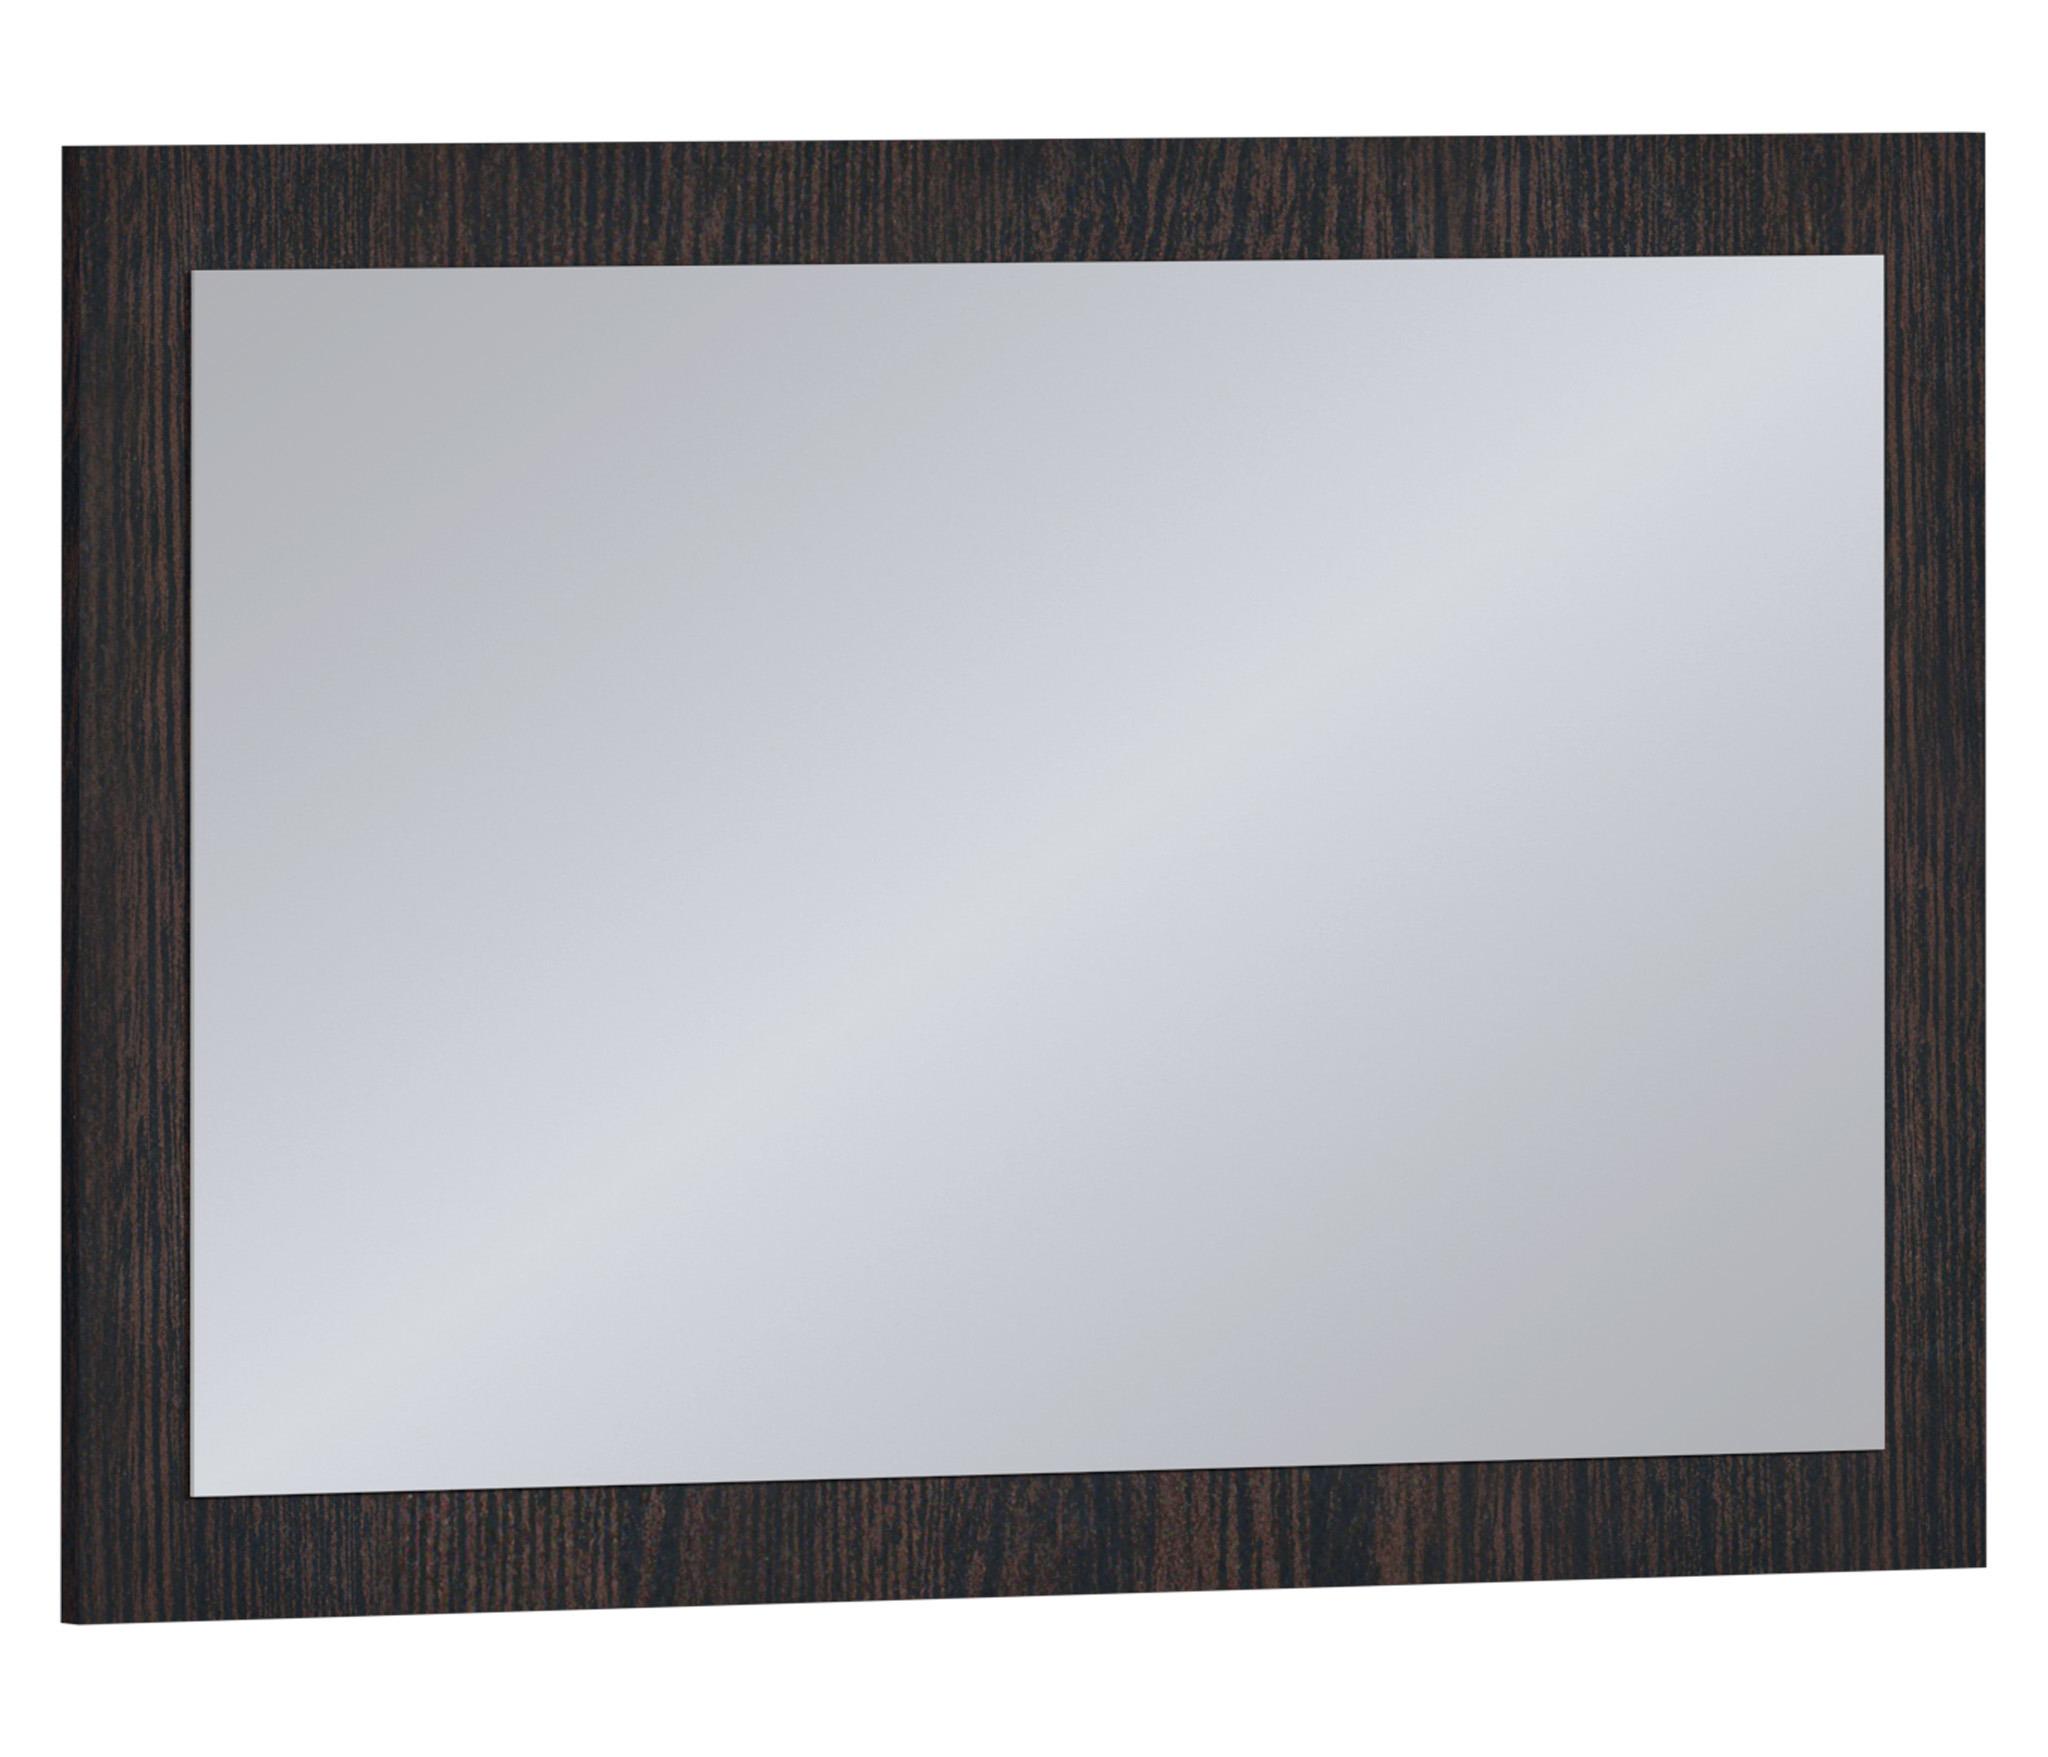 Зеркало Столплит 15264526 от Столплит